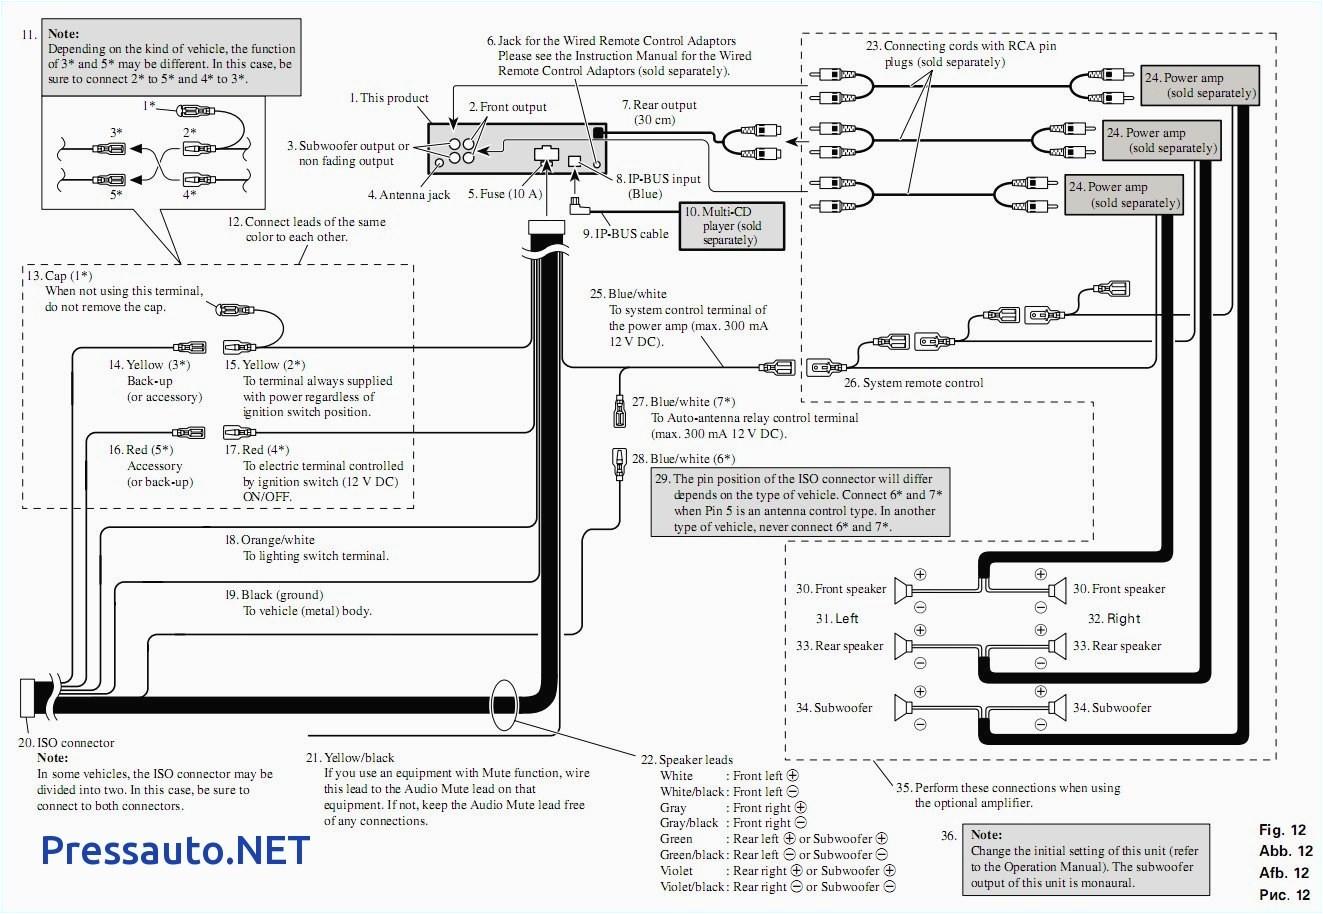 deh p4600mp wiring schema diagram databasedeh p4600mp wiring schema wiring diagram deh p4600mp wiring